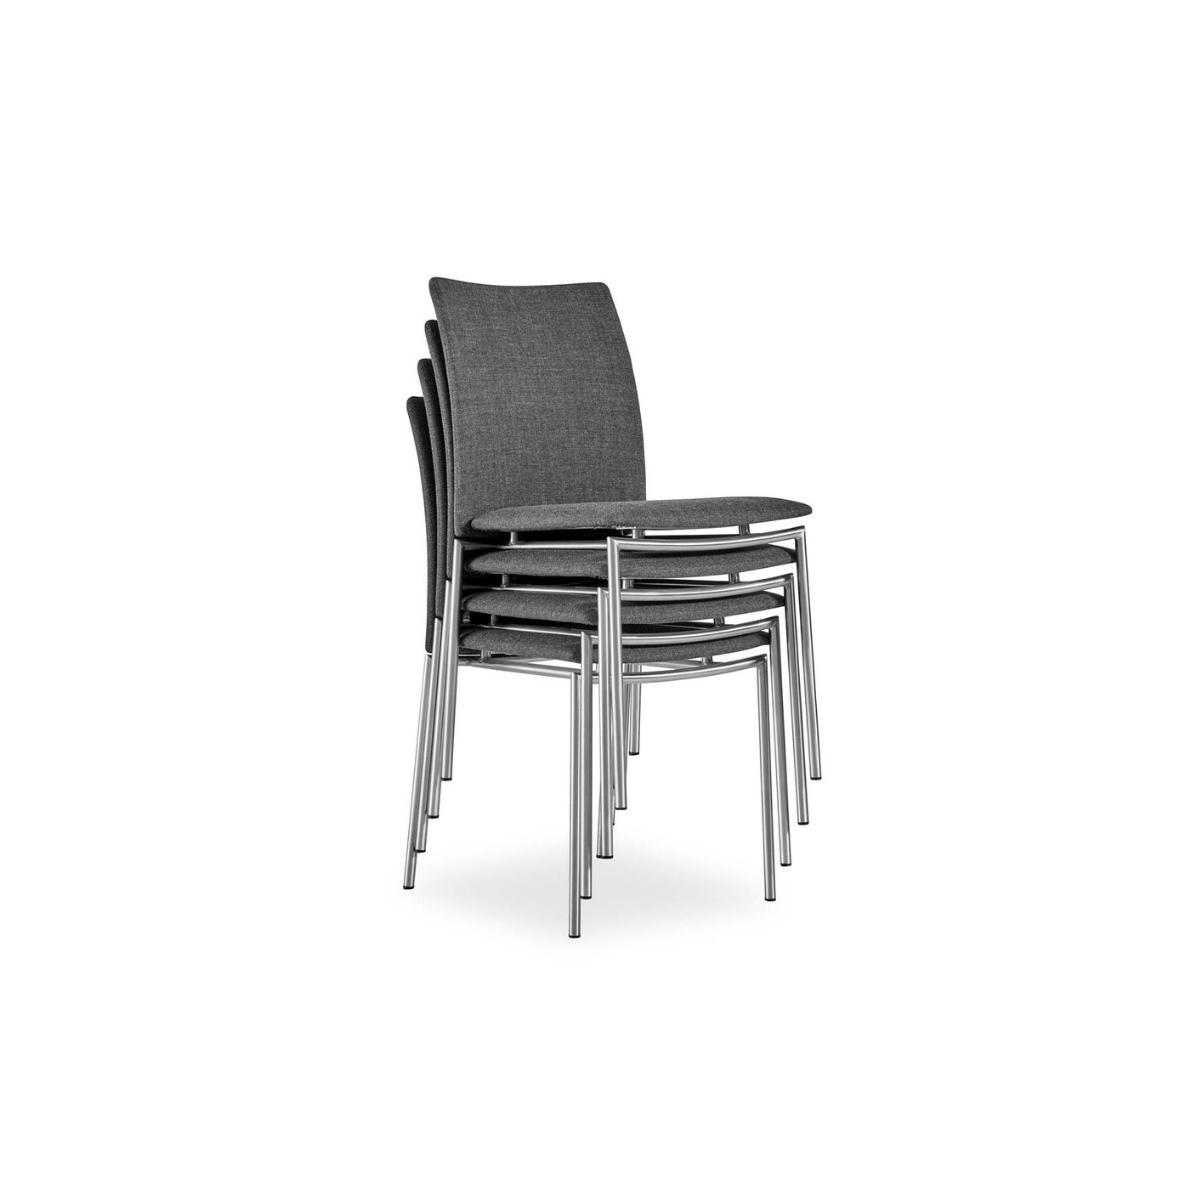 Skovby | SM48 spisebordsstol